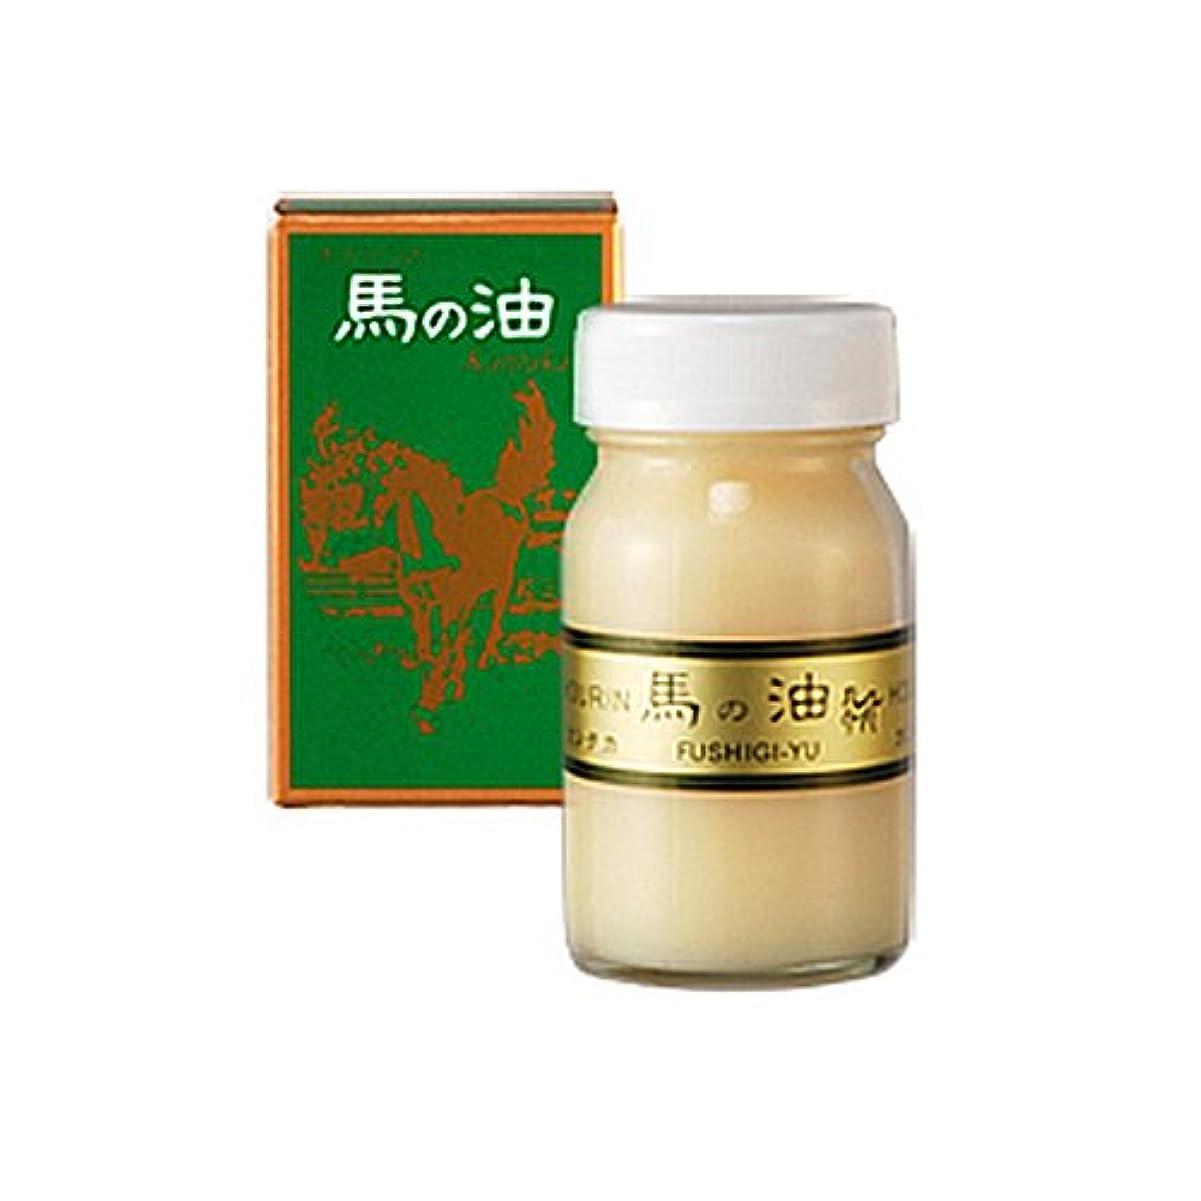 ストレッチ委員会ストレッチホウリン 馬の油 カンタカ 65ml ×8セット